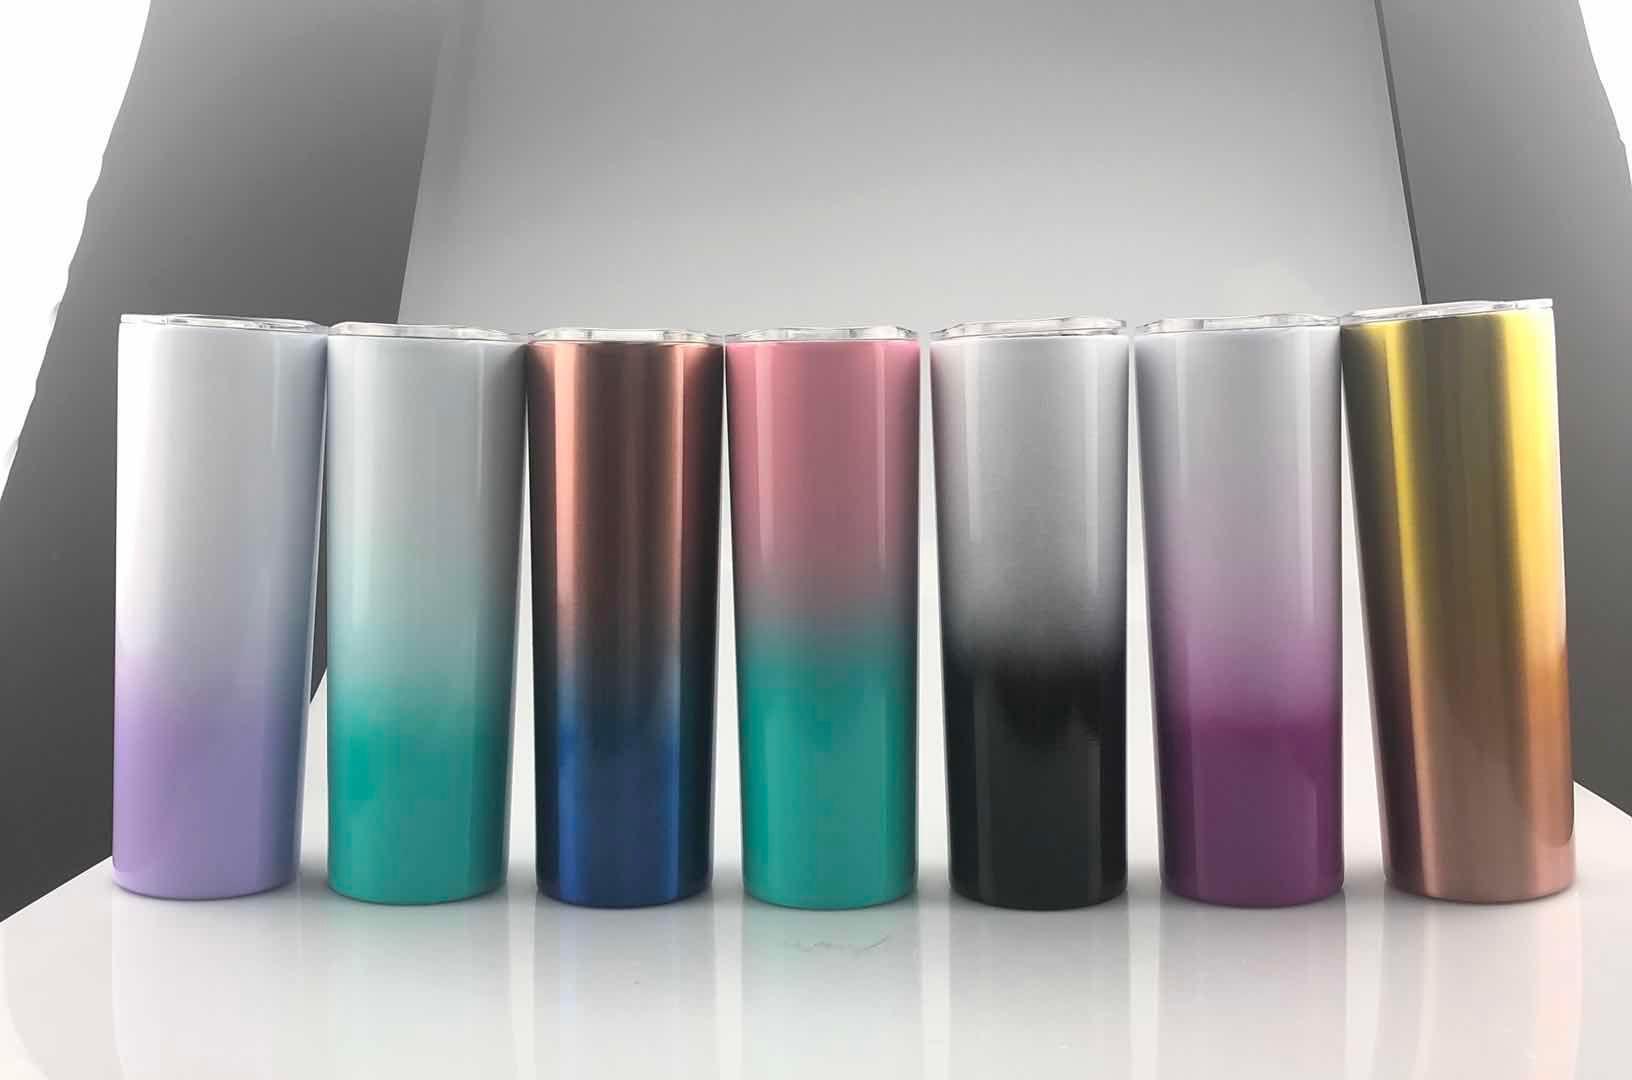 Più economica 20 once ombre magro bicchiere sfumatura di colore a doppia parete in acciaio inox coibentata bicchiere con paglia e coperchio